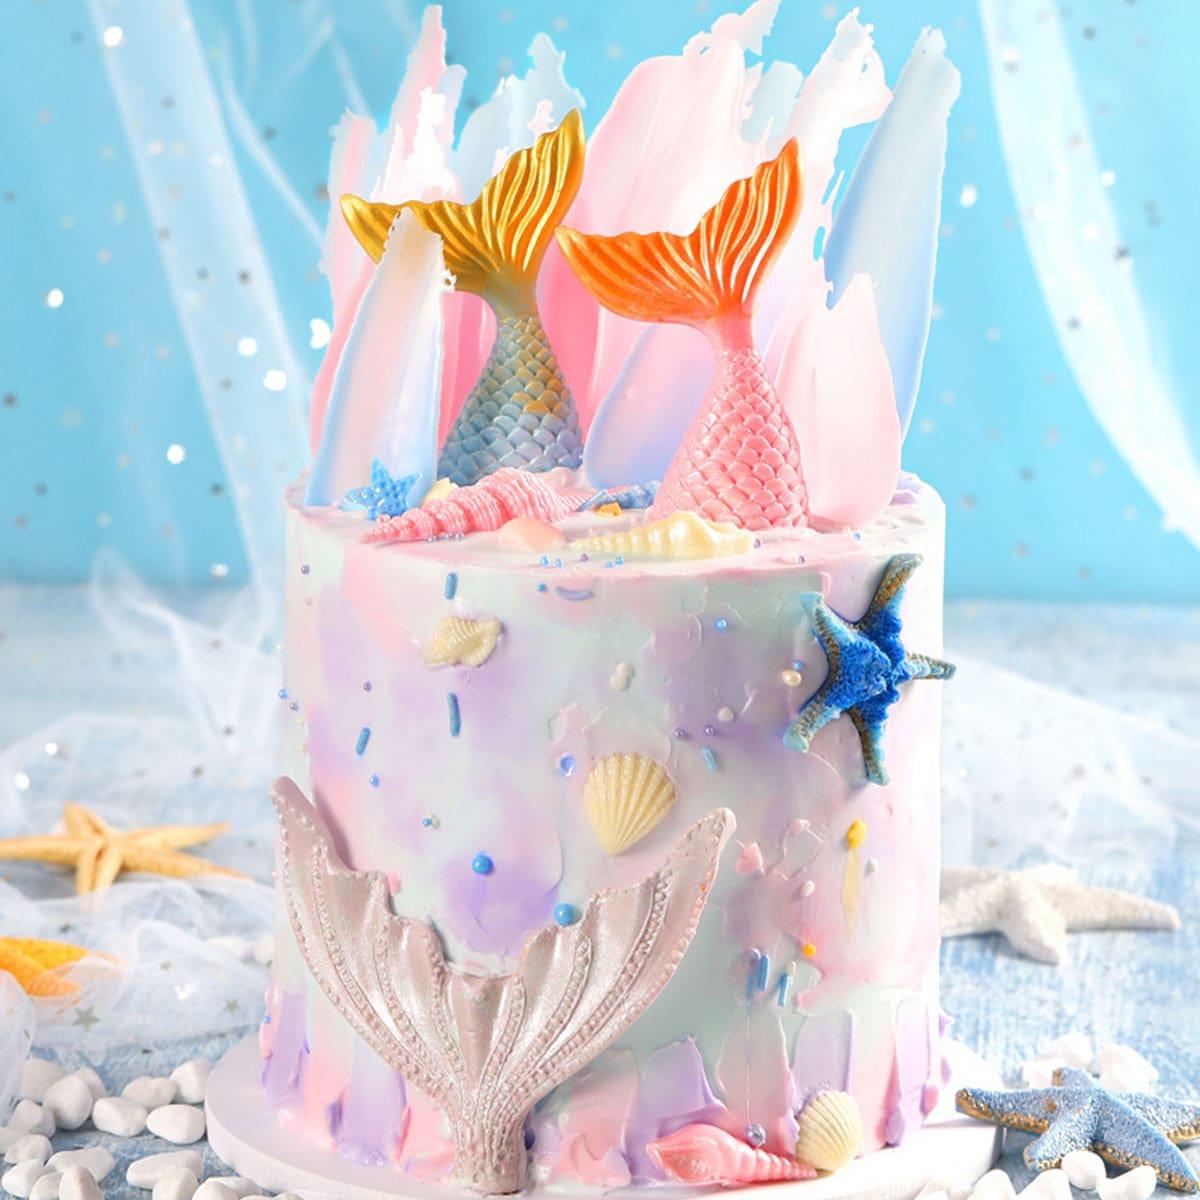 1-delige siliconen cakevorm uit de Ocean-serie